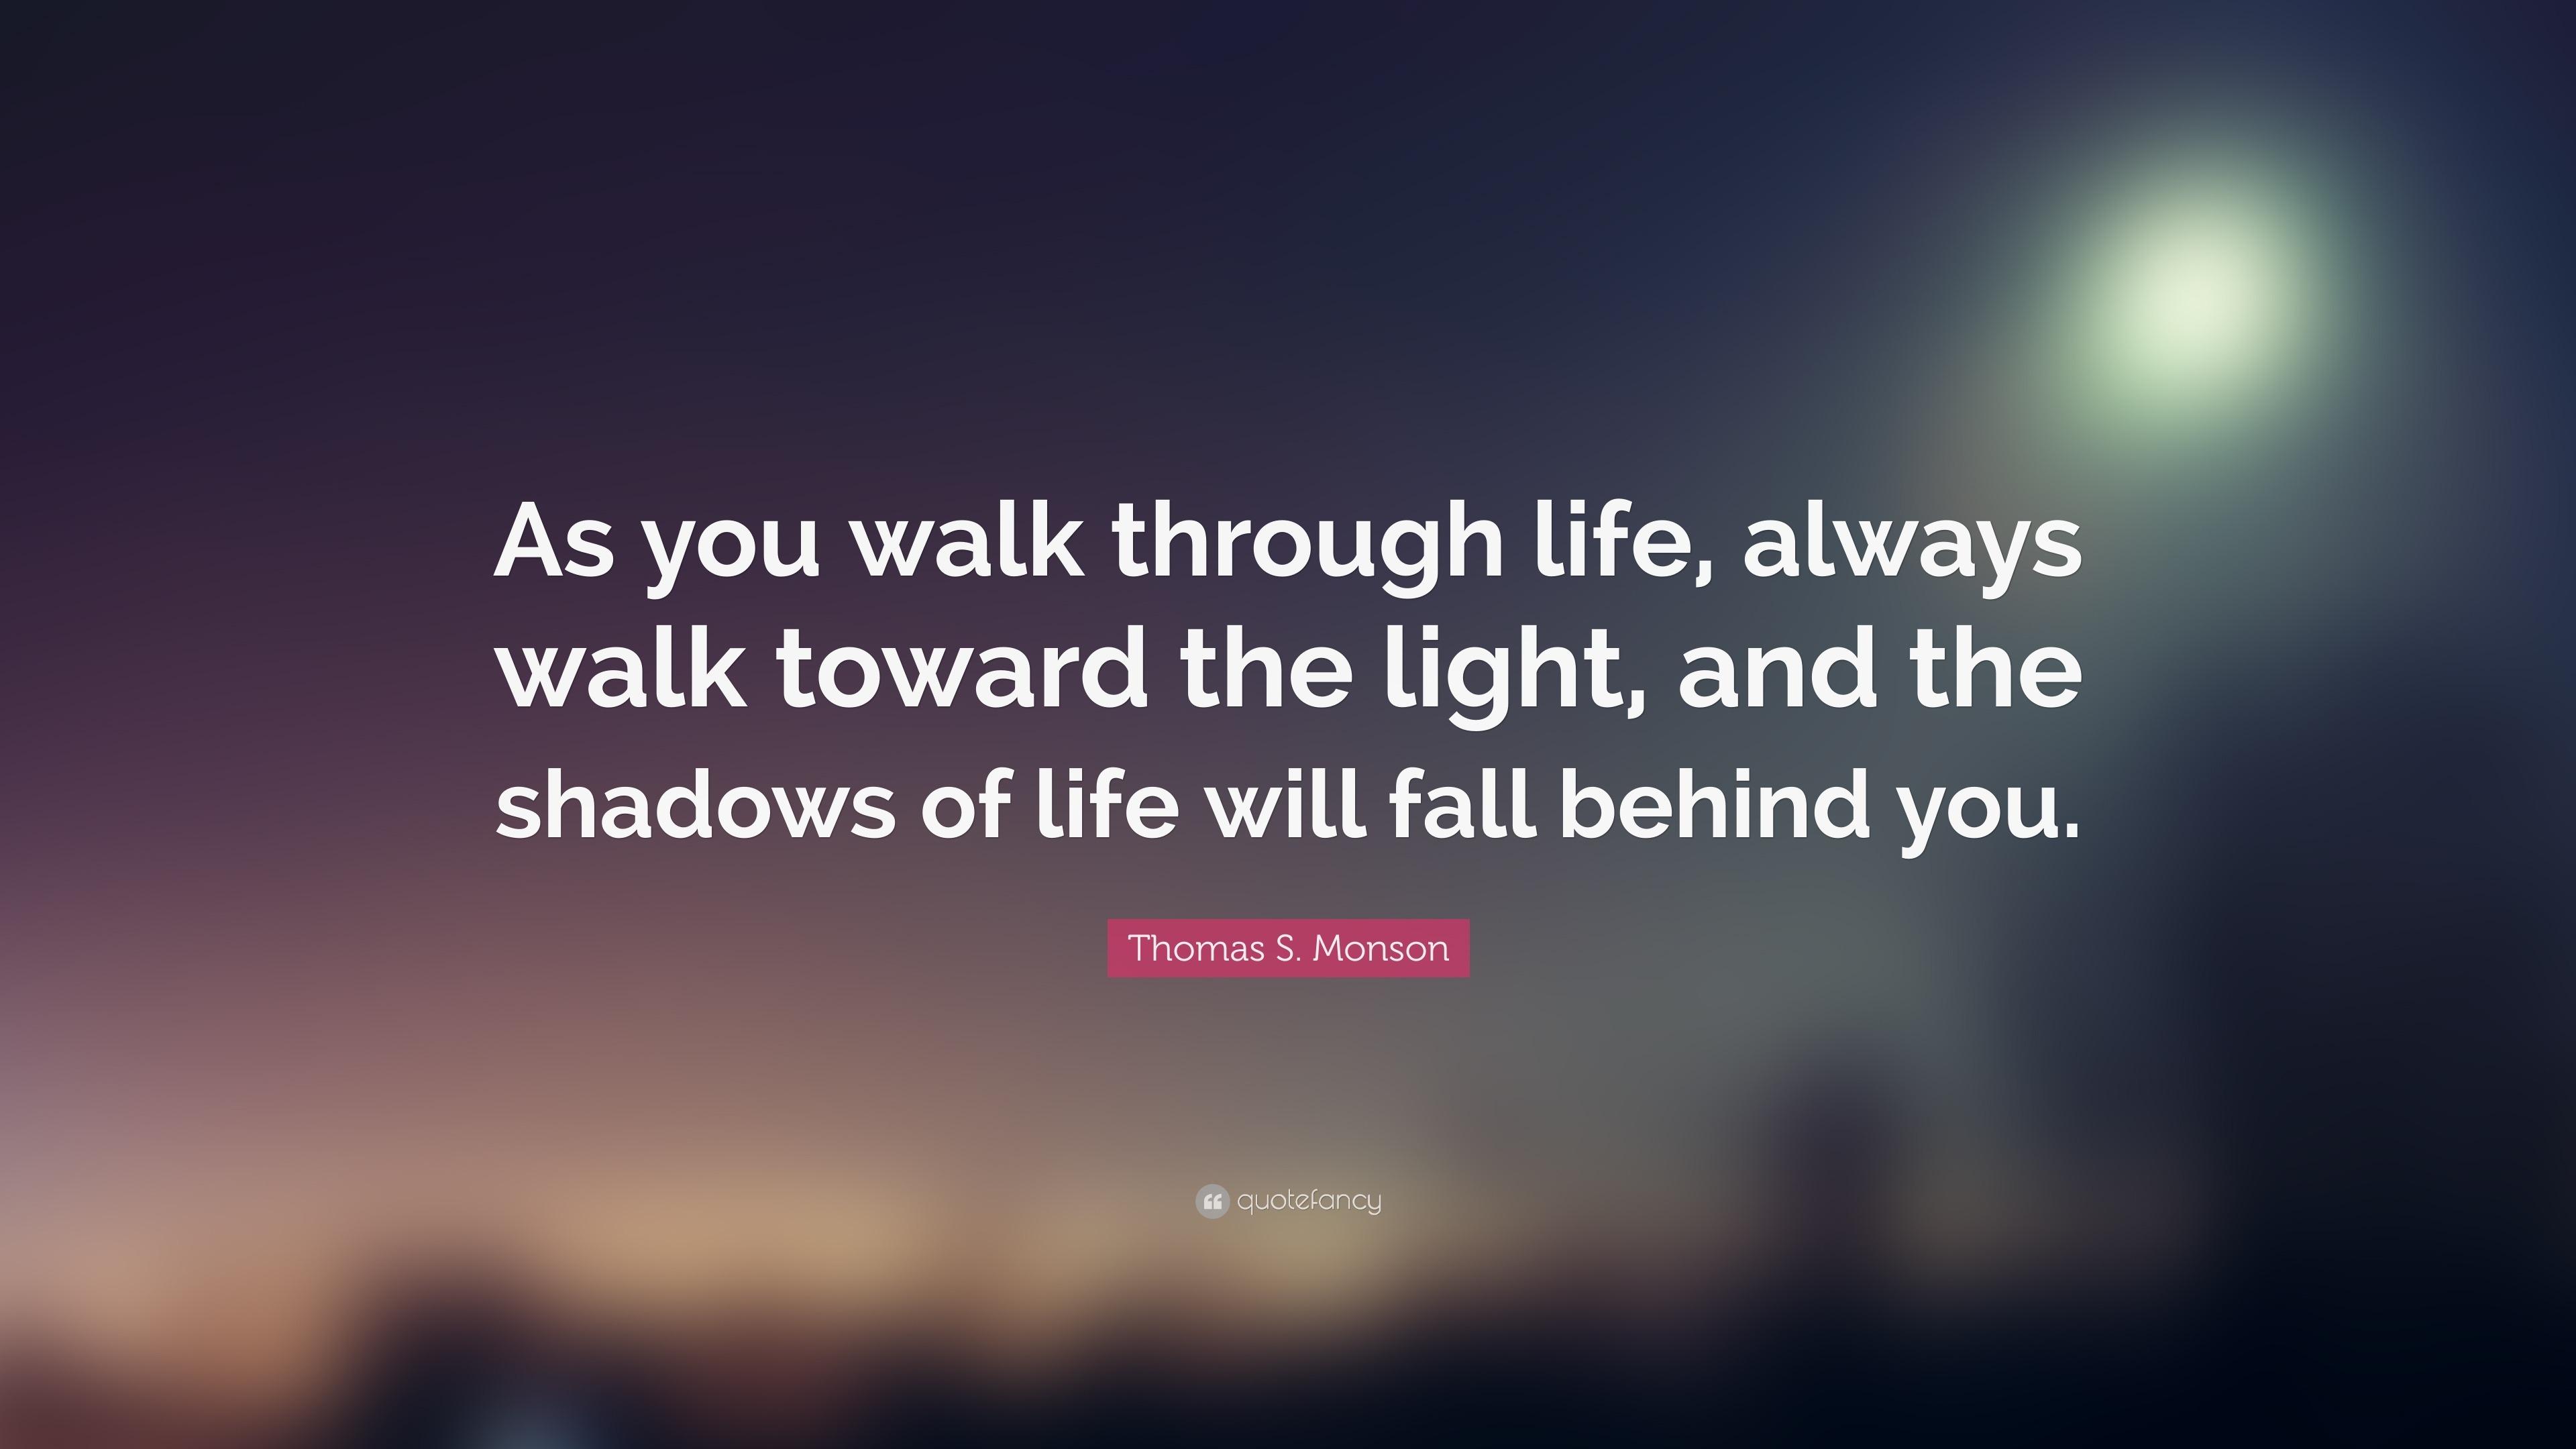 Thomas S Monson Quote As You Walk Through Life Always Walk